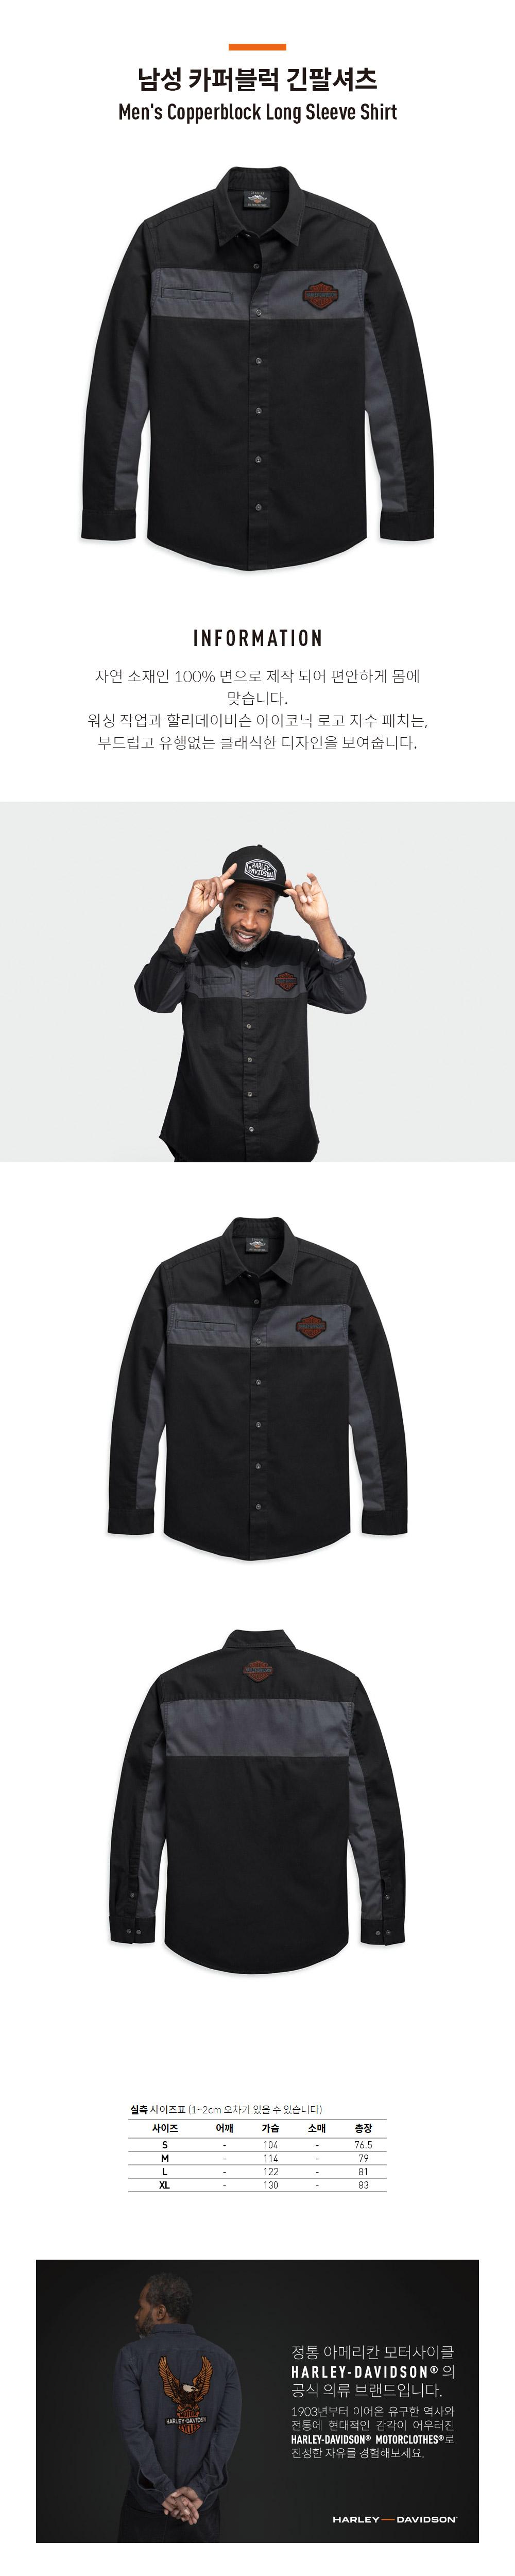 남성 카퍼블럭 긴팔셔츠